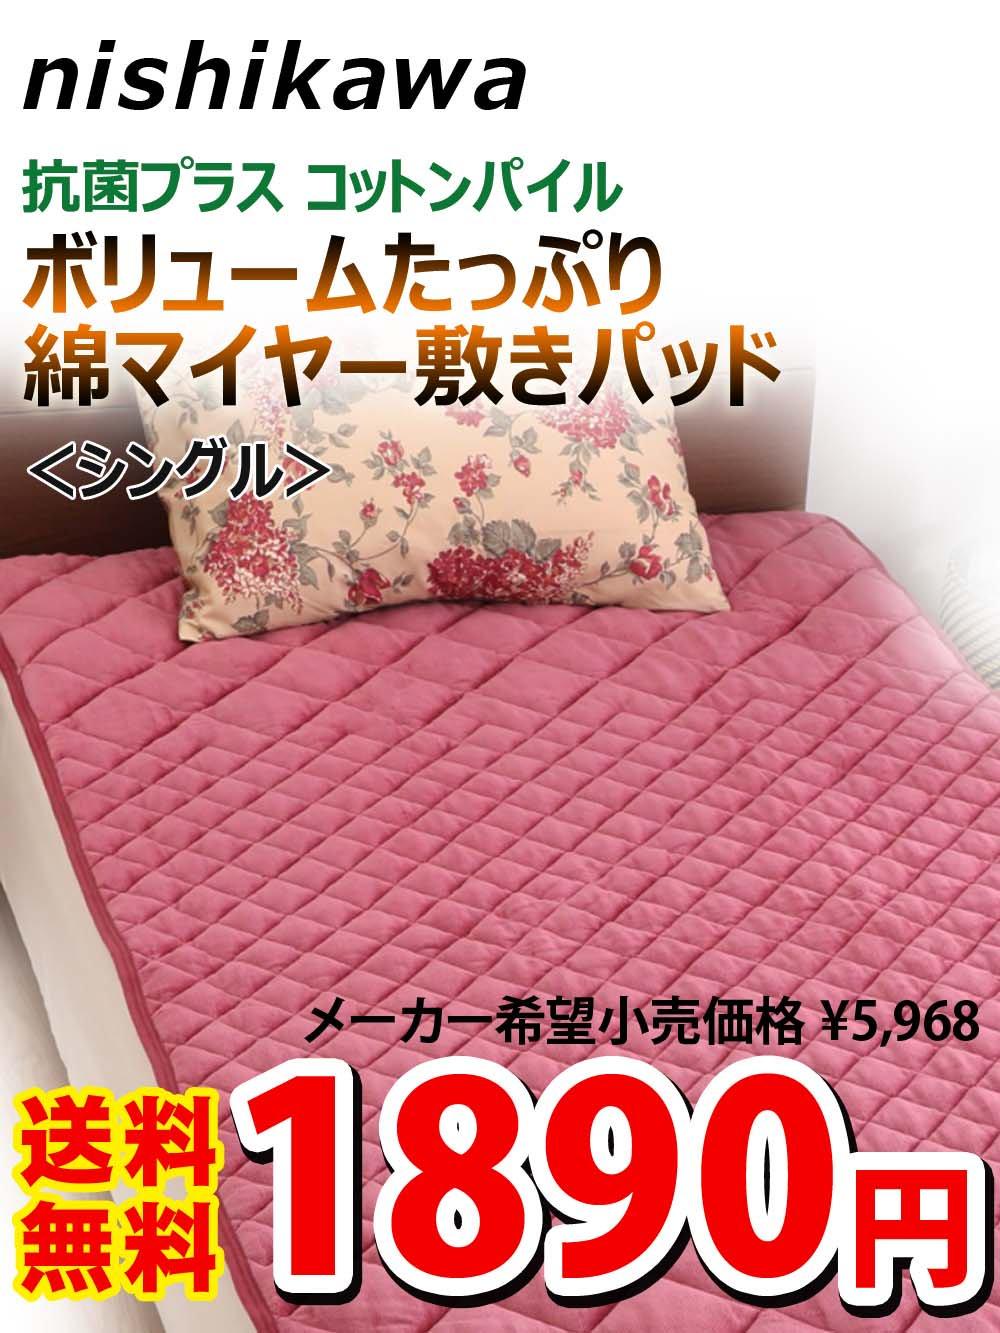 【送料無料】西川 抗菌加工で清潔!綿マイヤー敷パッド【1890円】